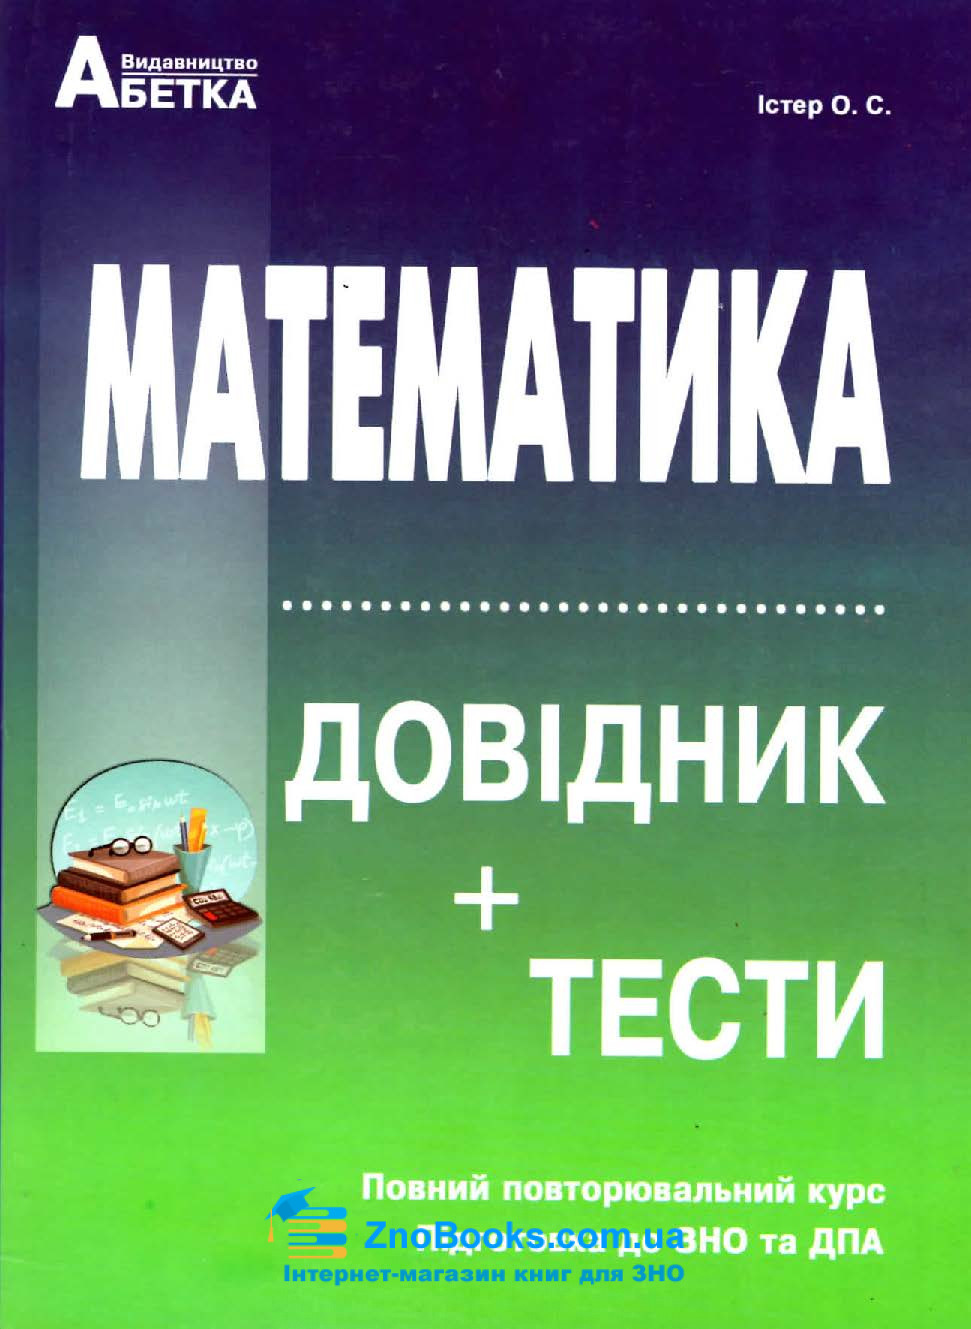 Математика ЗНО 2022. Довідник + тести : Істер О. Абетка. купити 0